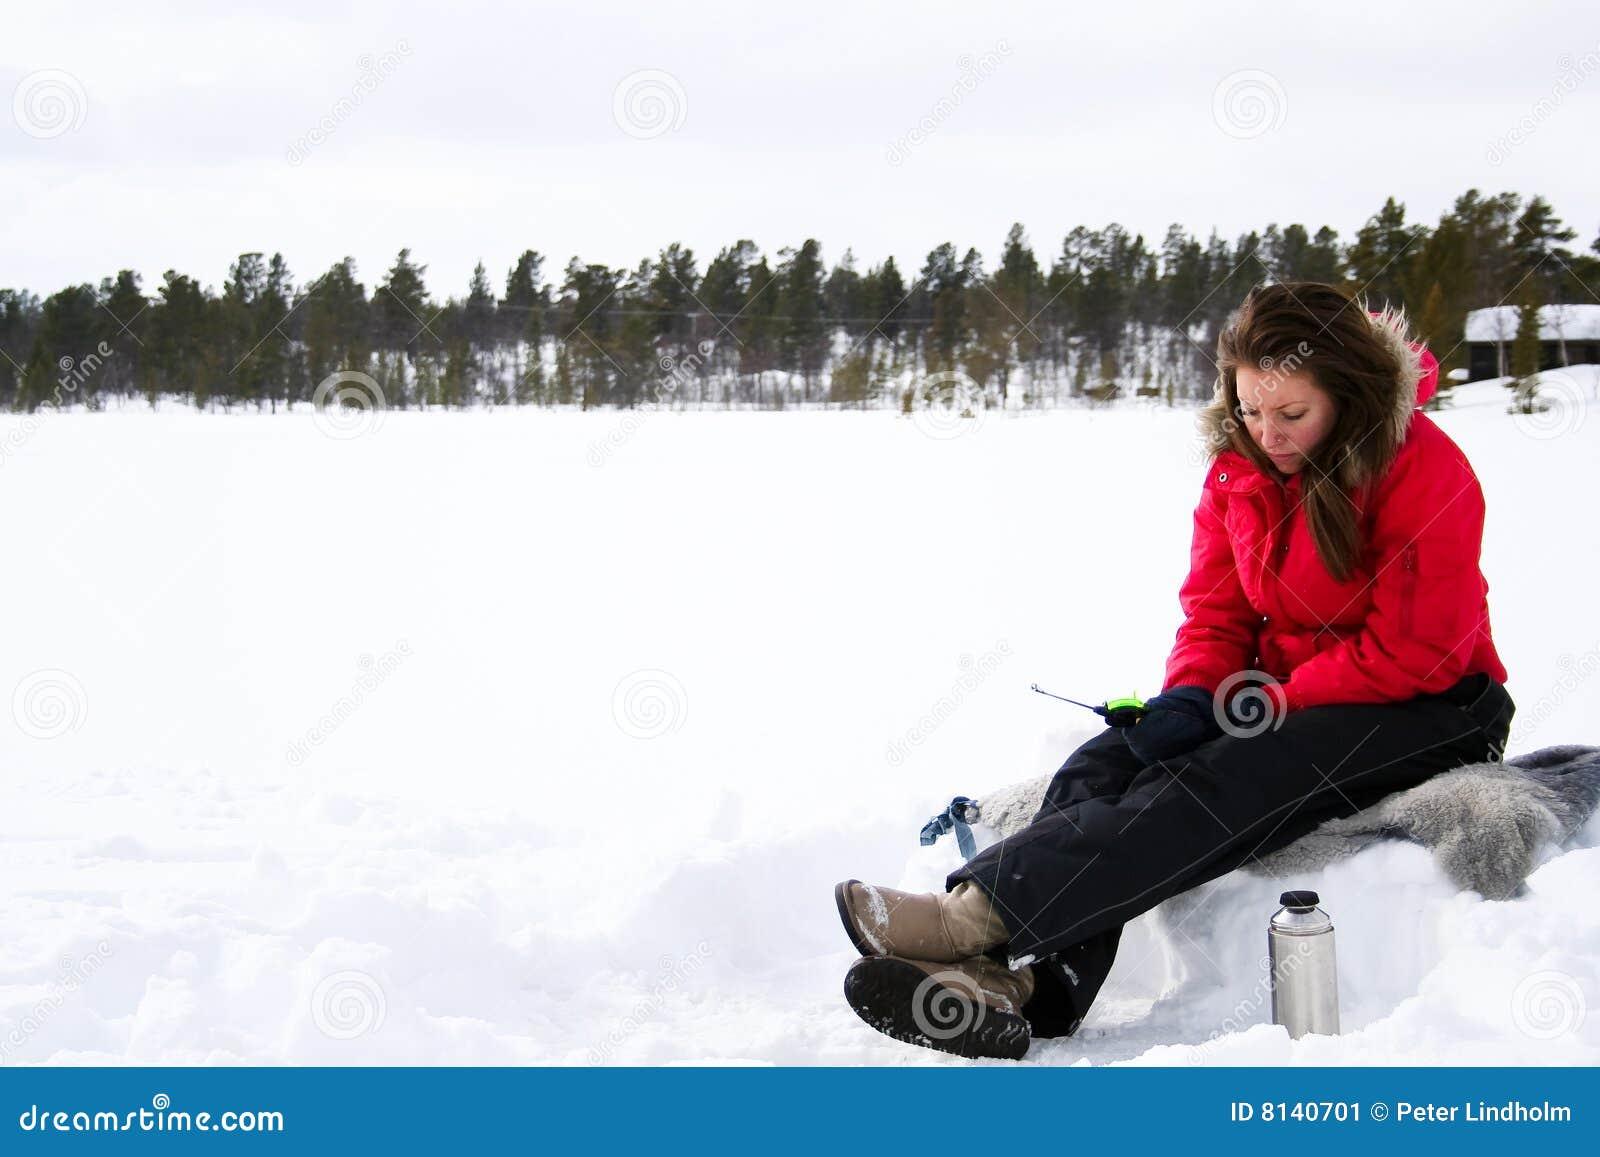 Ice fishing girls - photo#16